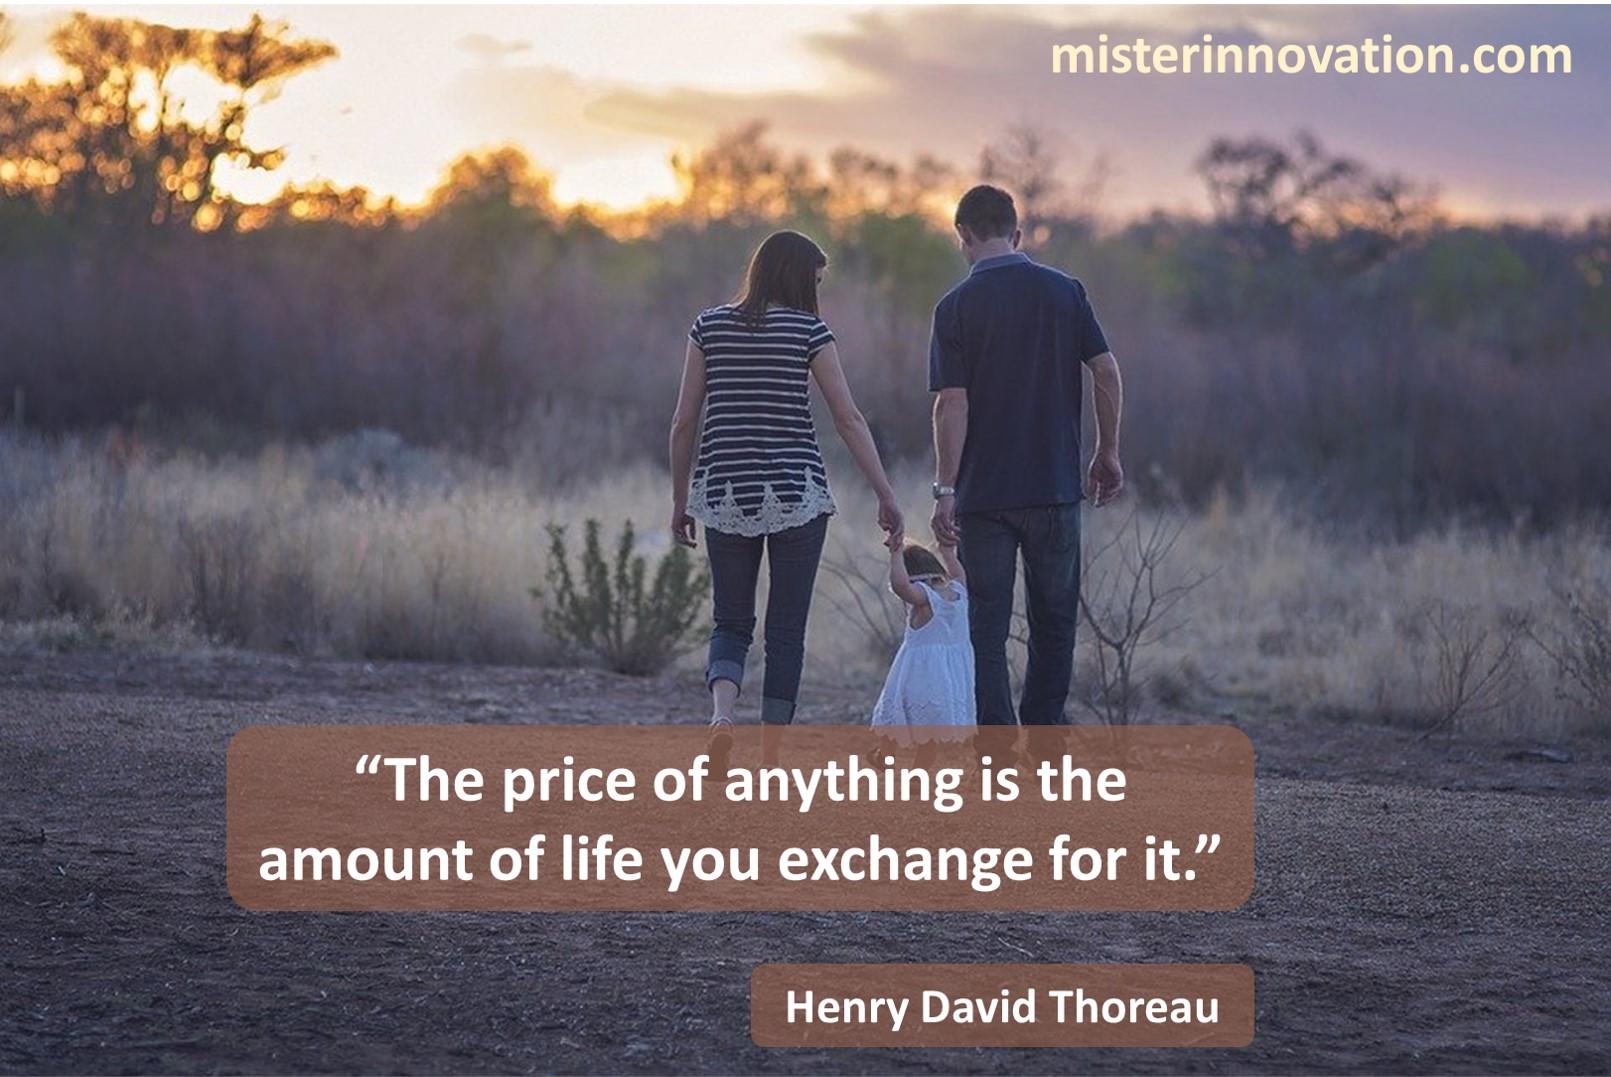 Henry David Thoreau Life Exchange